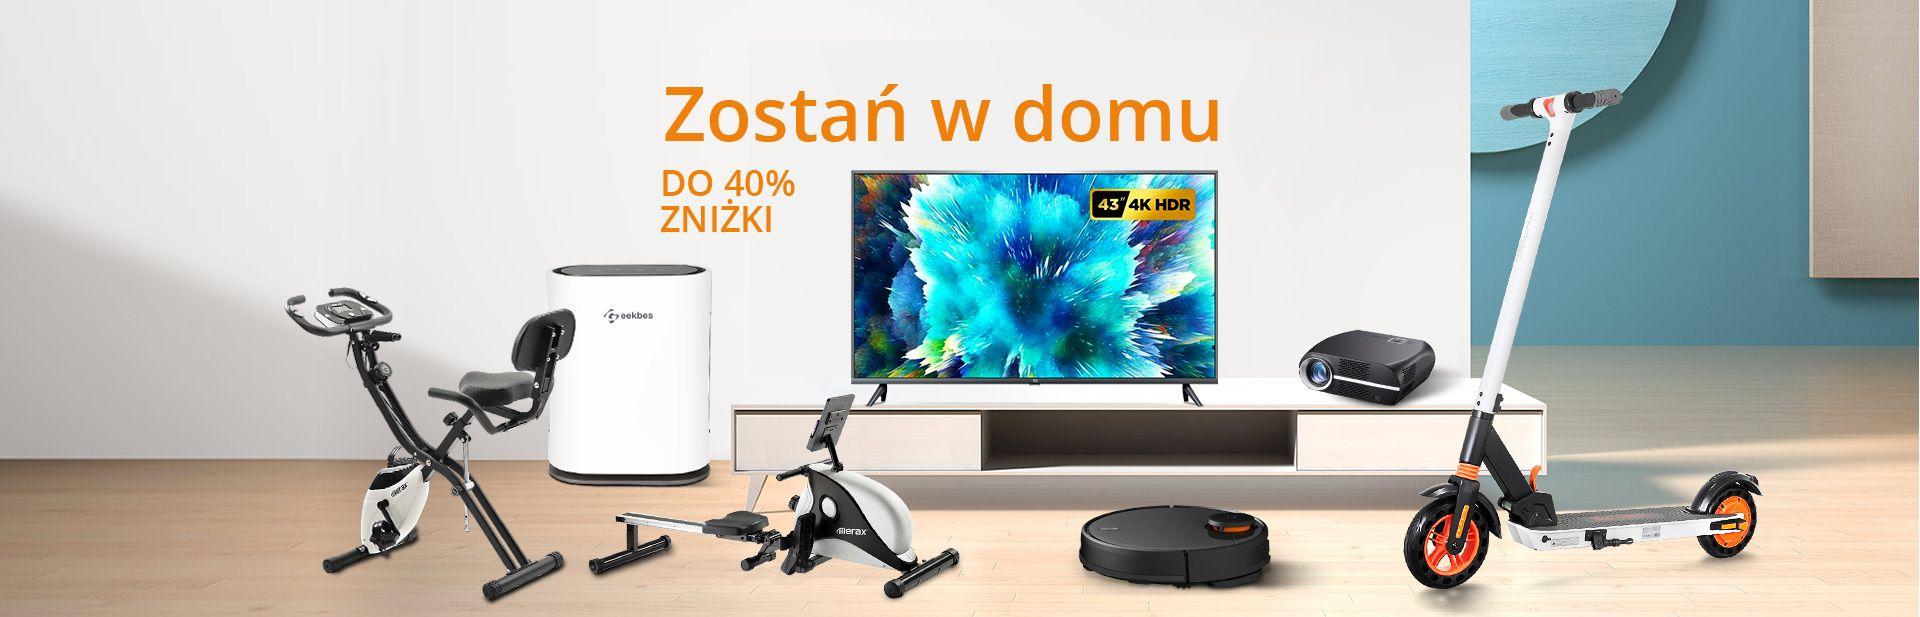 Zostań w domu - Geekbuying.pl Wyprzedaż Do 40% ZNIŻKI